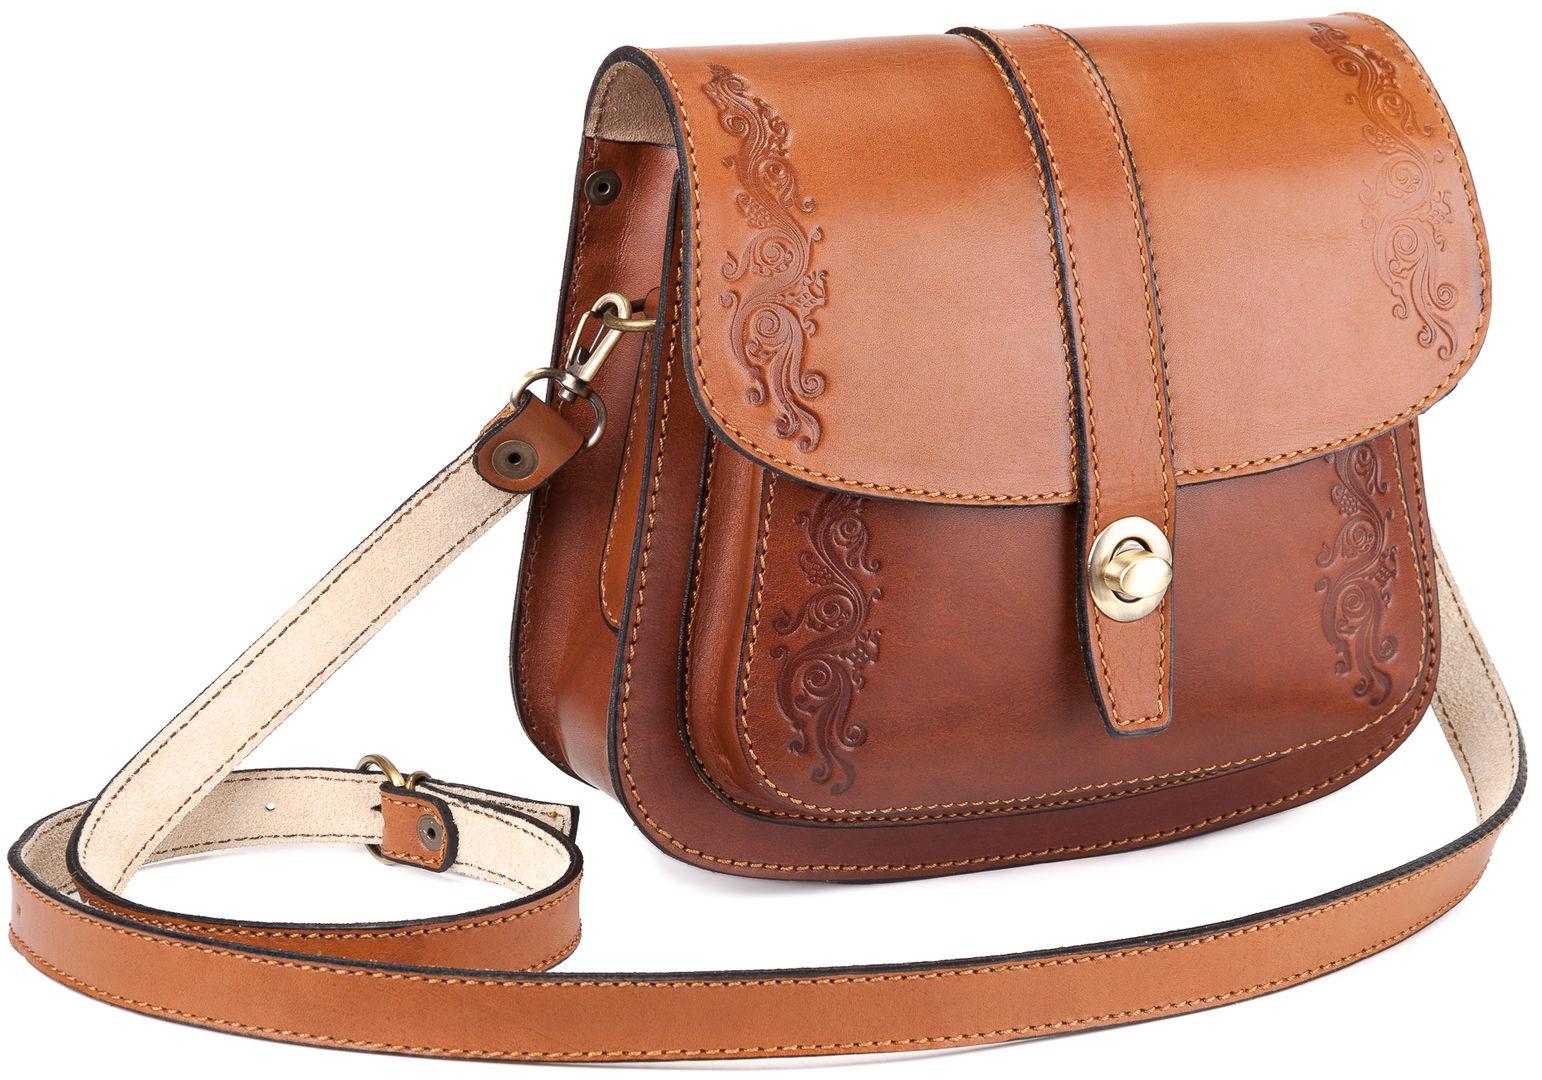 5602b9d63772 Купить Женская кожаная сумка ручной работы Париж, коричневая в  Санкт-Петербурге - Я Покупаю